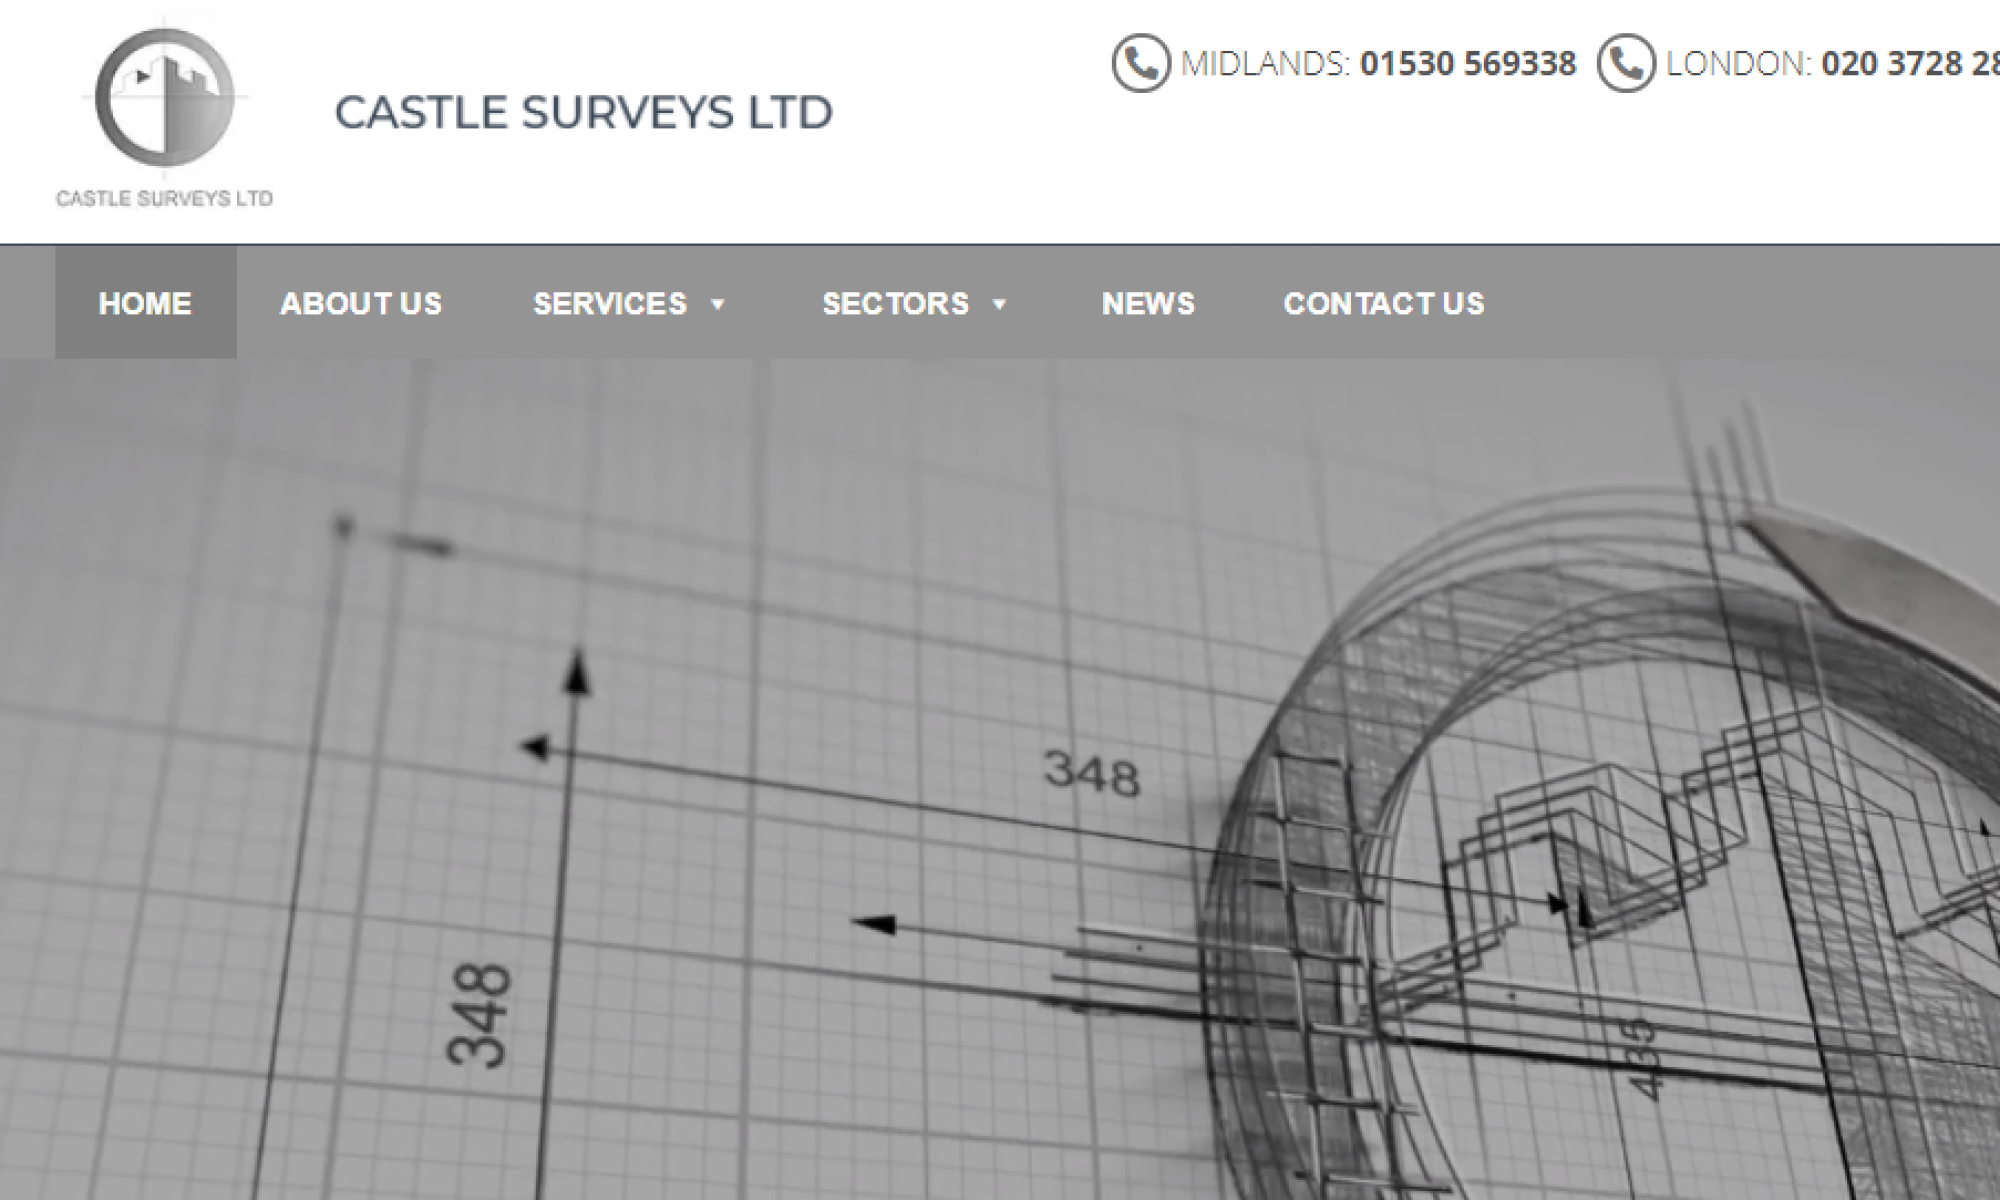 Castle Surveys